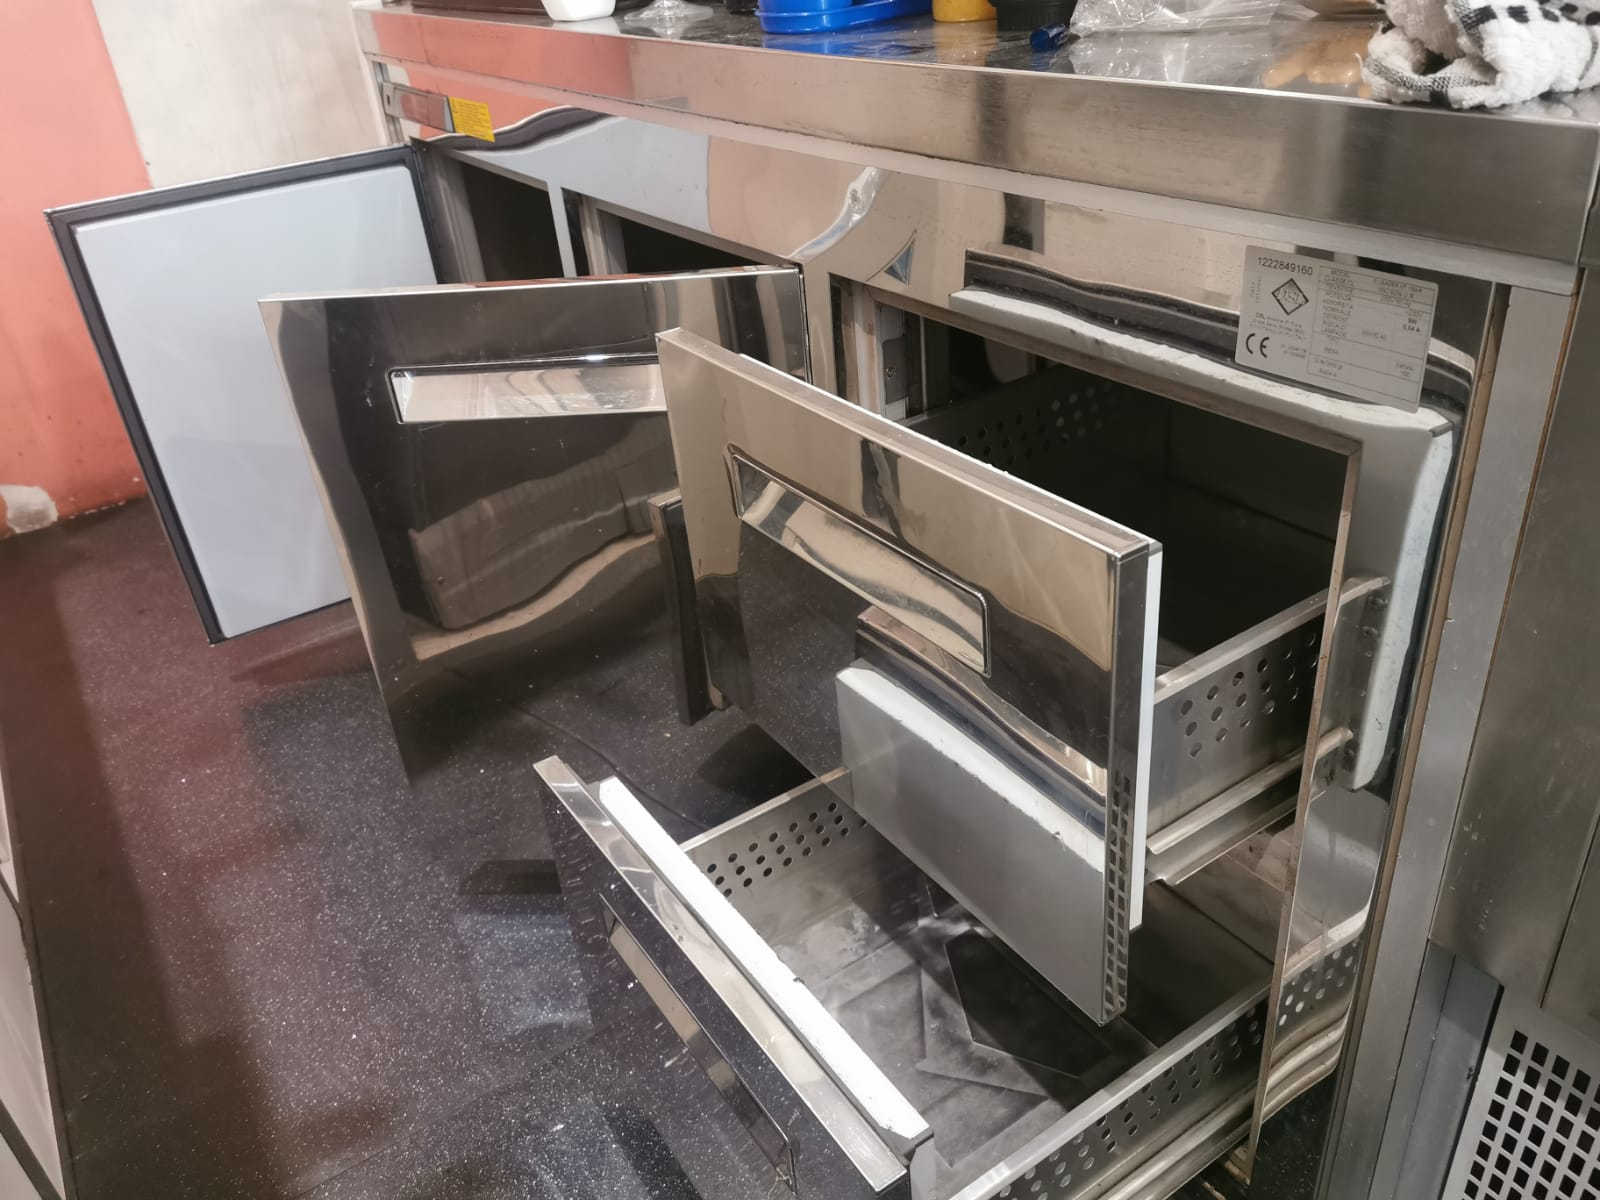 banco frigo 4 scomparti in vendita - foto 1